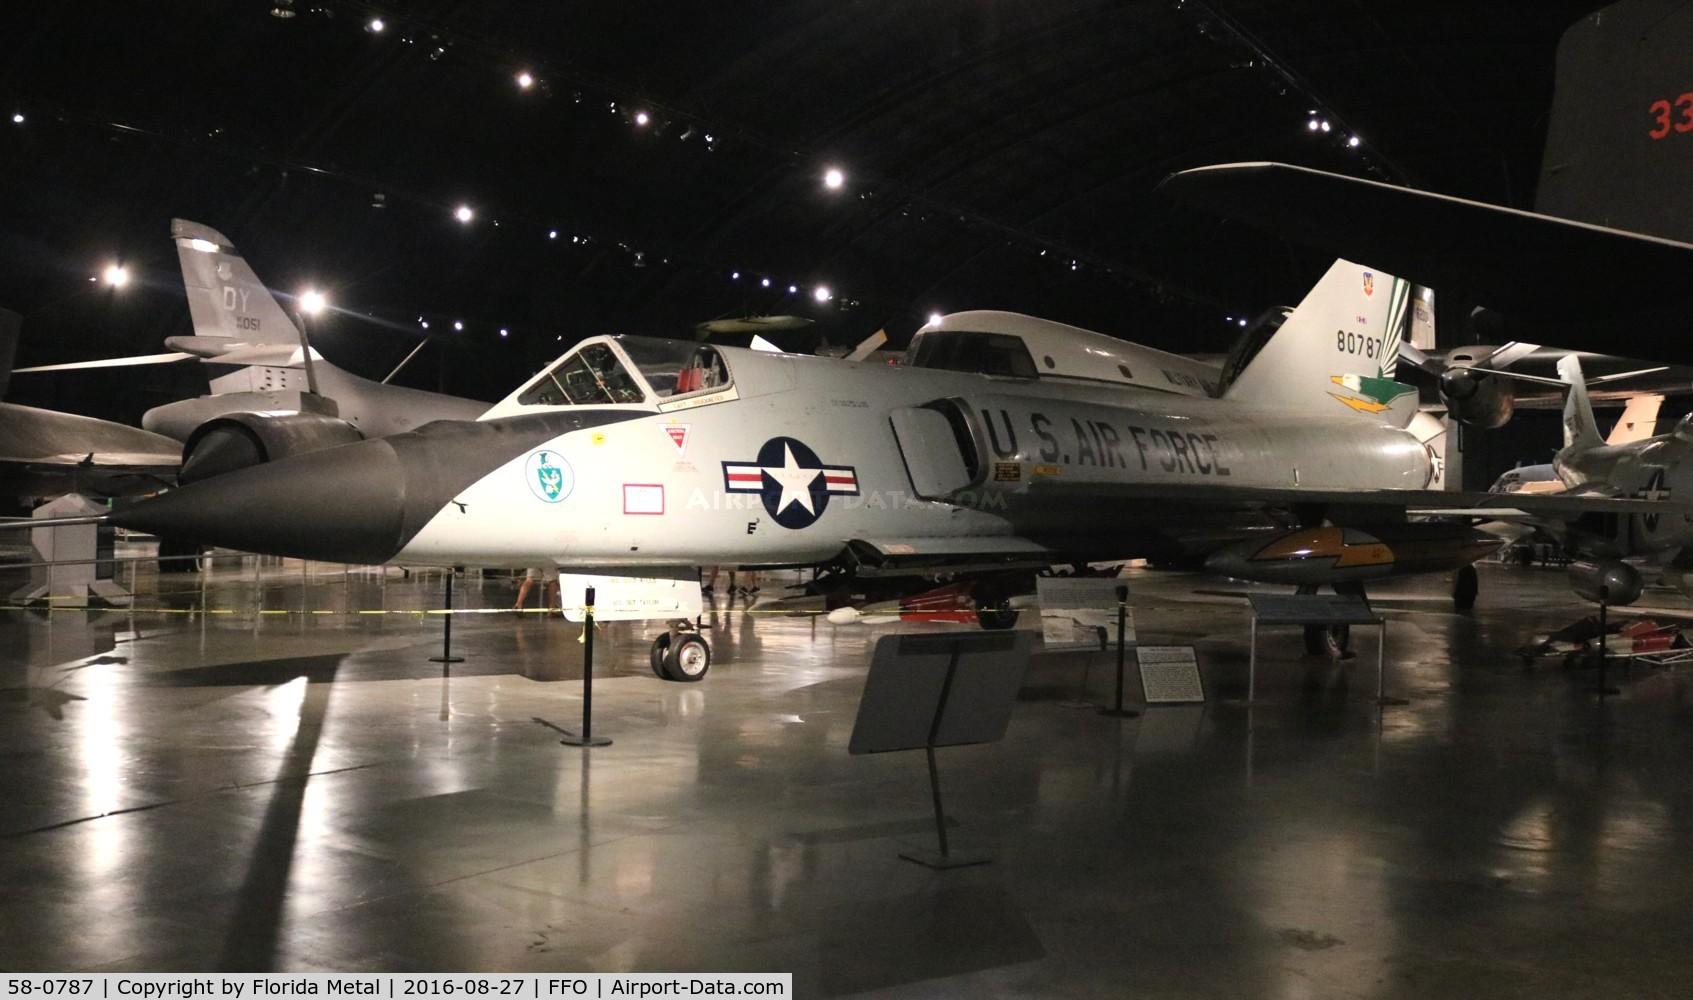 58-0787, 1958 Convair F-106A Delta Dart C/N 8-24-118, F-106A